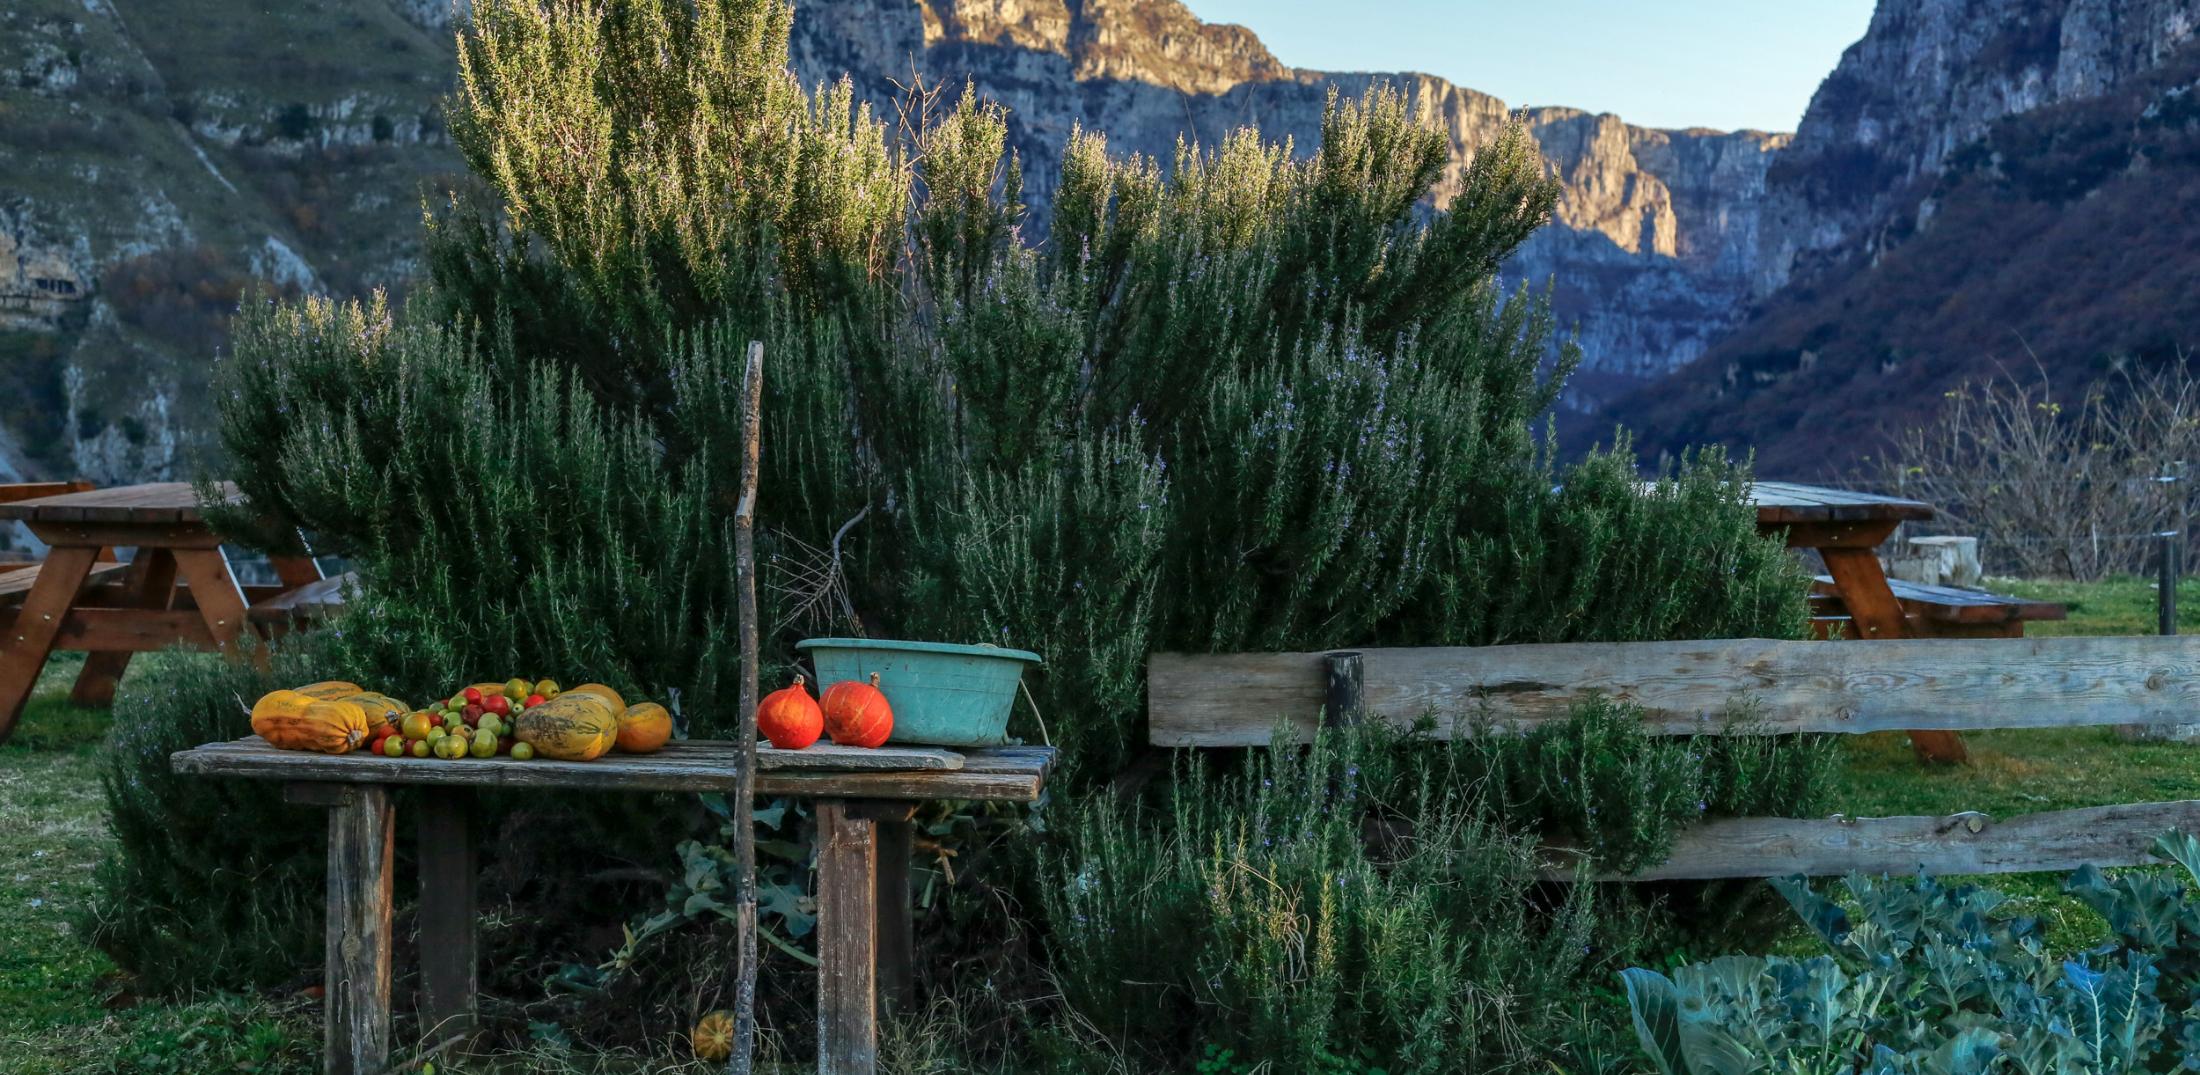 21 φωτογραφικά κάδρα από το Ζαγόρι_zvoura.gr